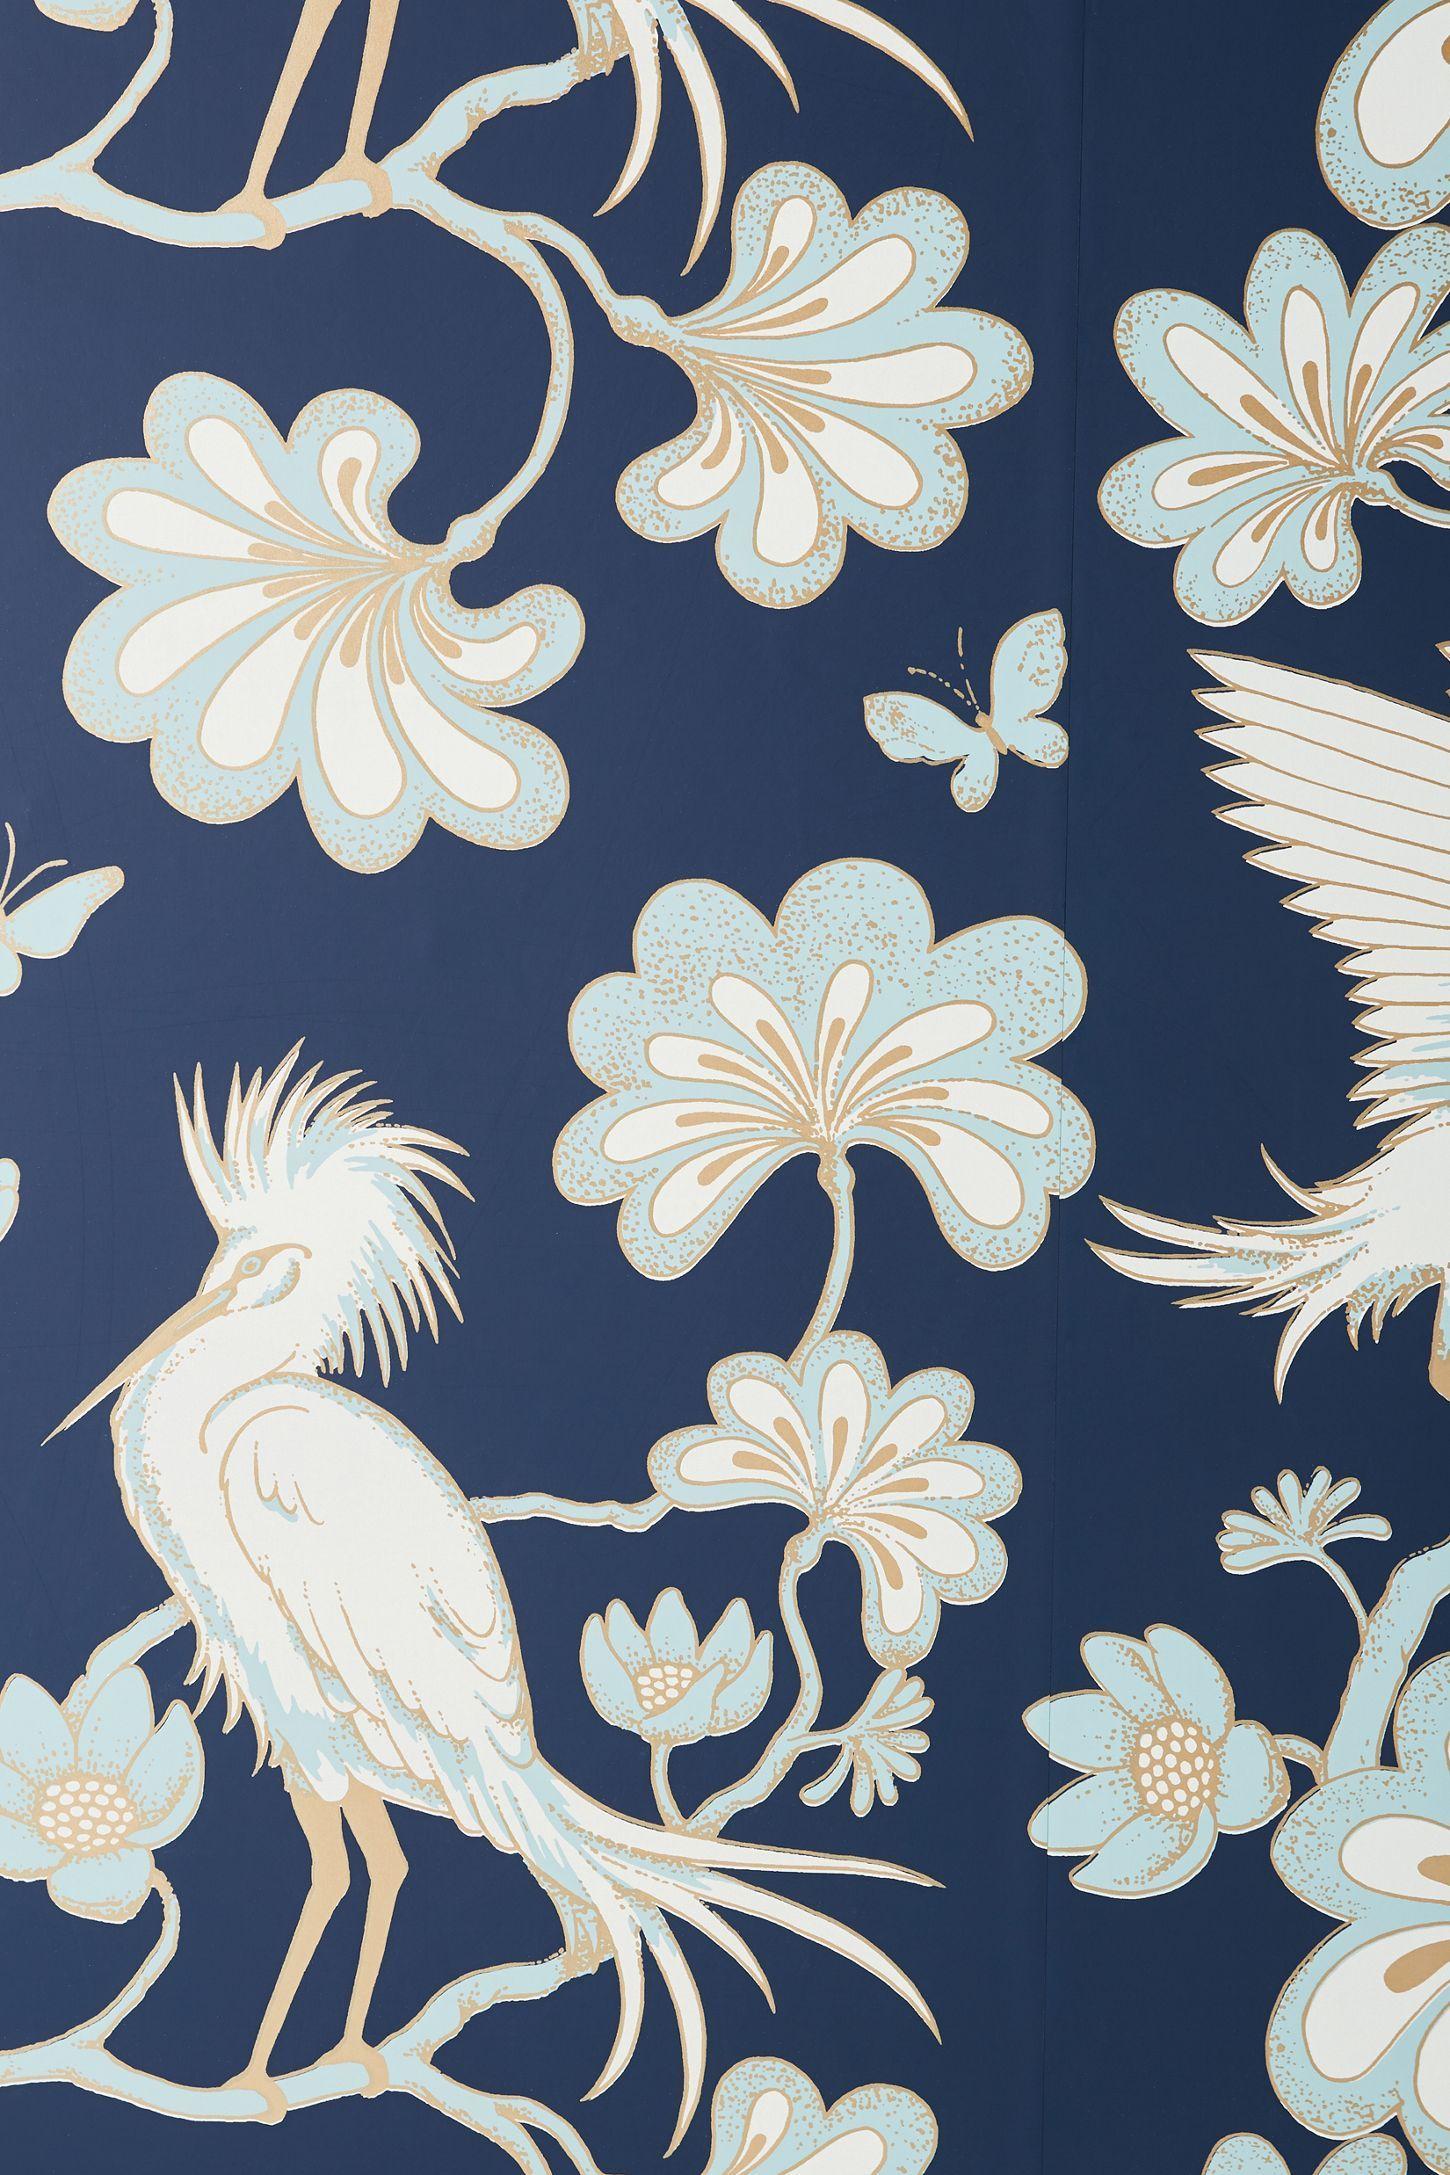 Egrets Wallpaper Wallpaper, Room wallpaper, Craft desk